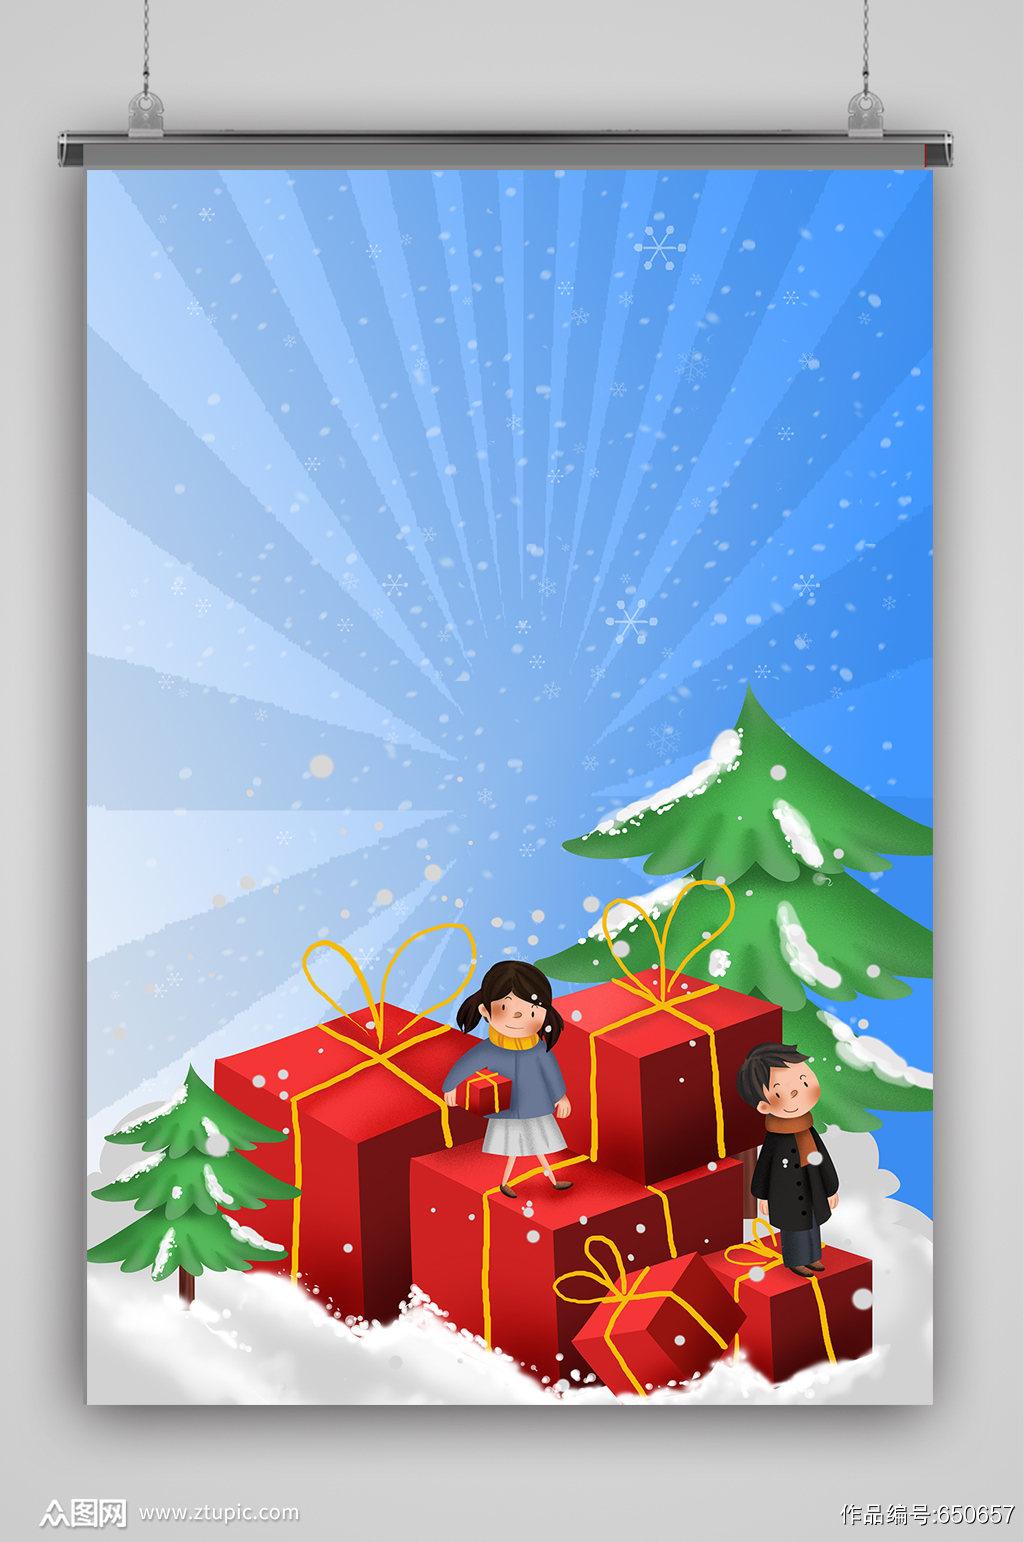 卡通圣诞节派对海报背景素材